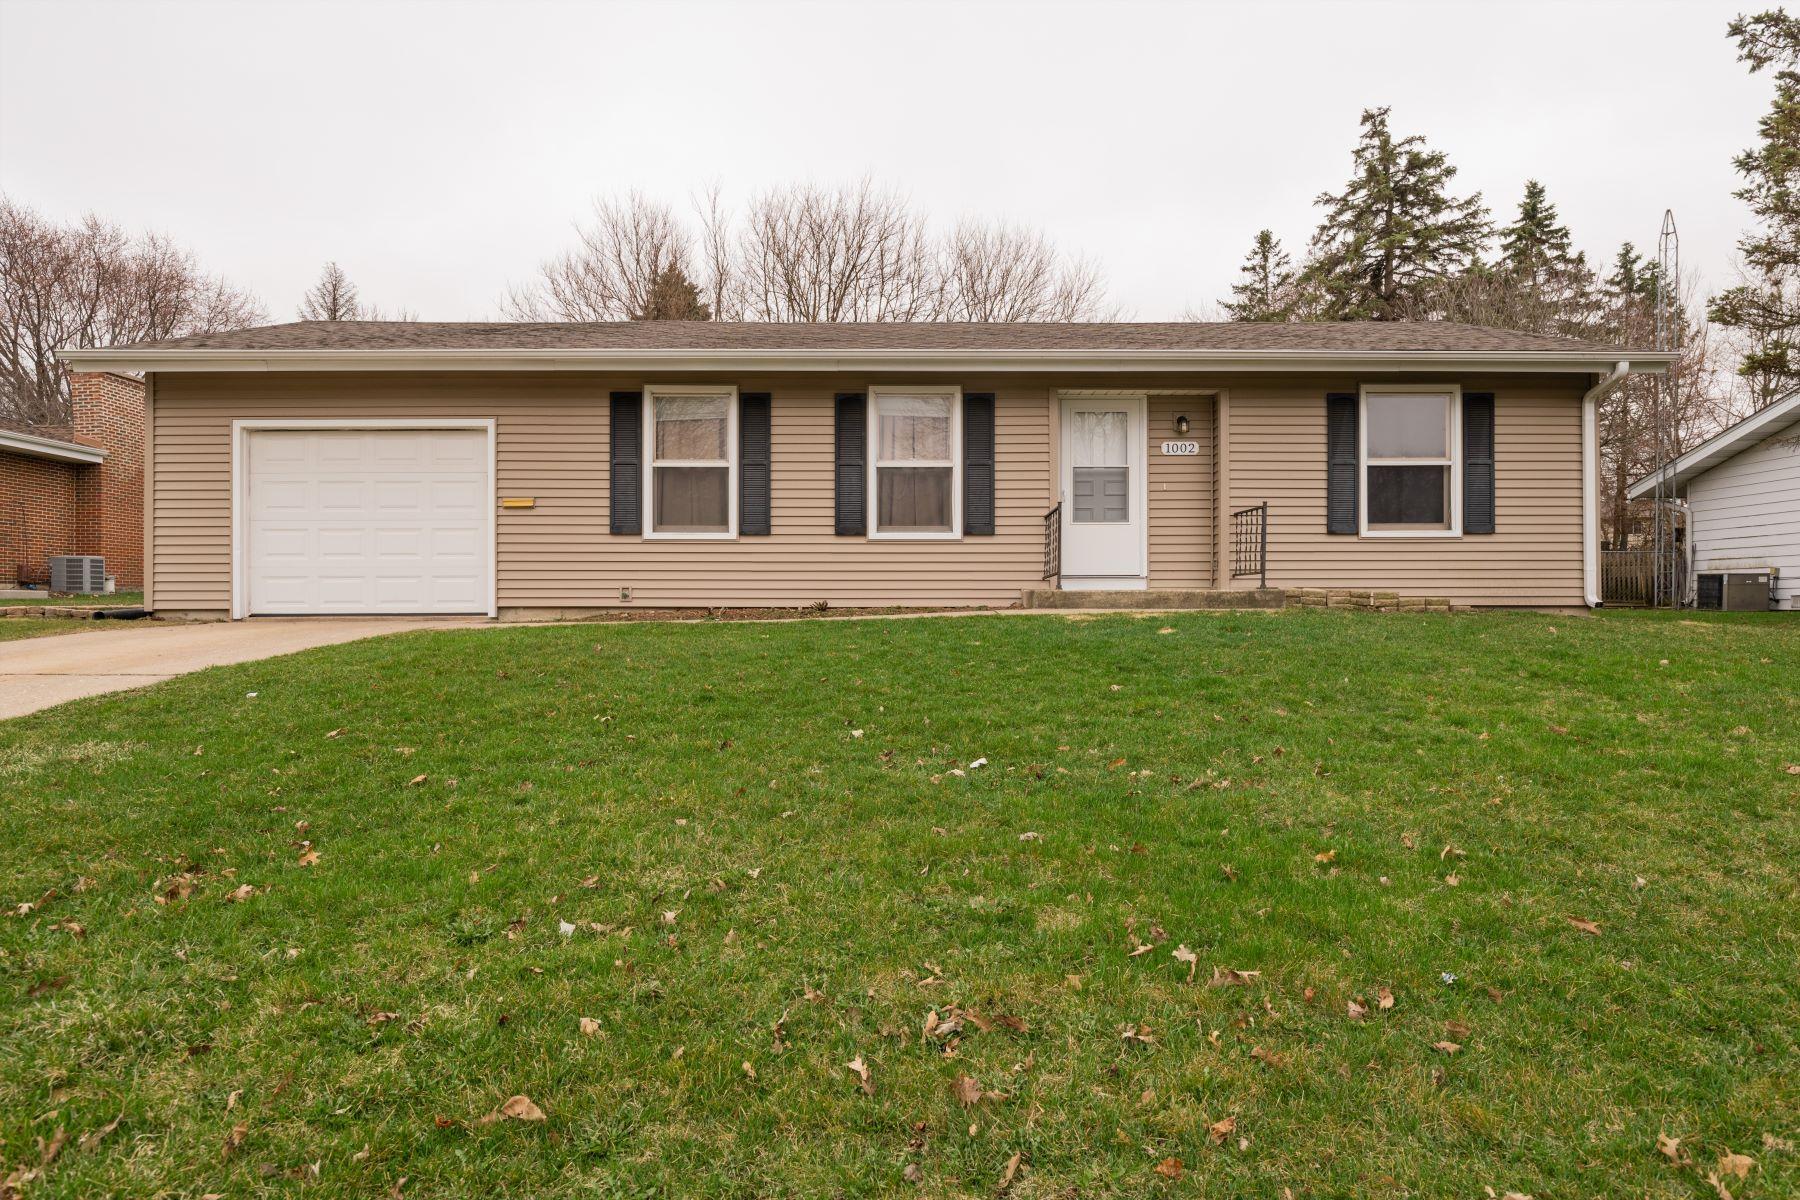 Частный односемейный дом для того Продажа на Whispering Oaks Neighborhood 1002 N Oakwood Drive McHenry, Иллинойс 60050 Соединенные Штаты